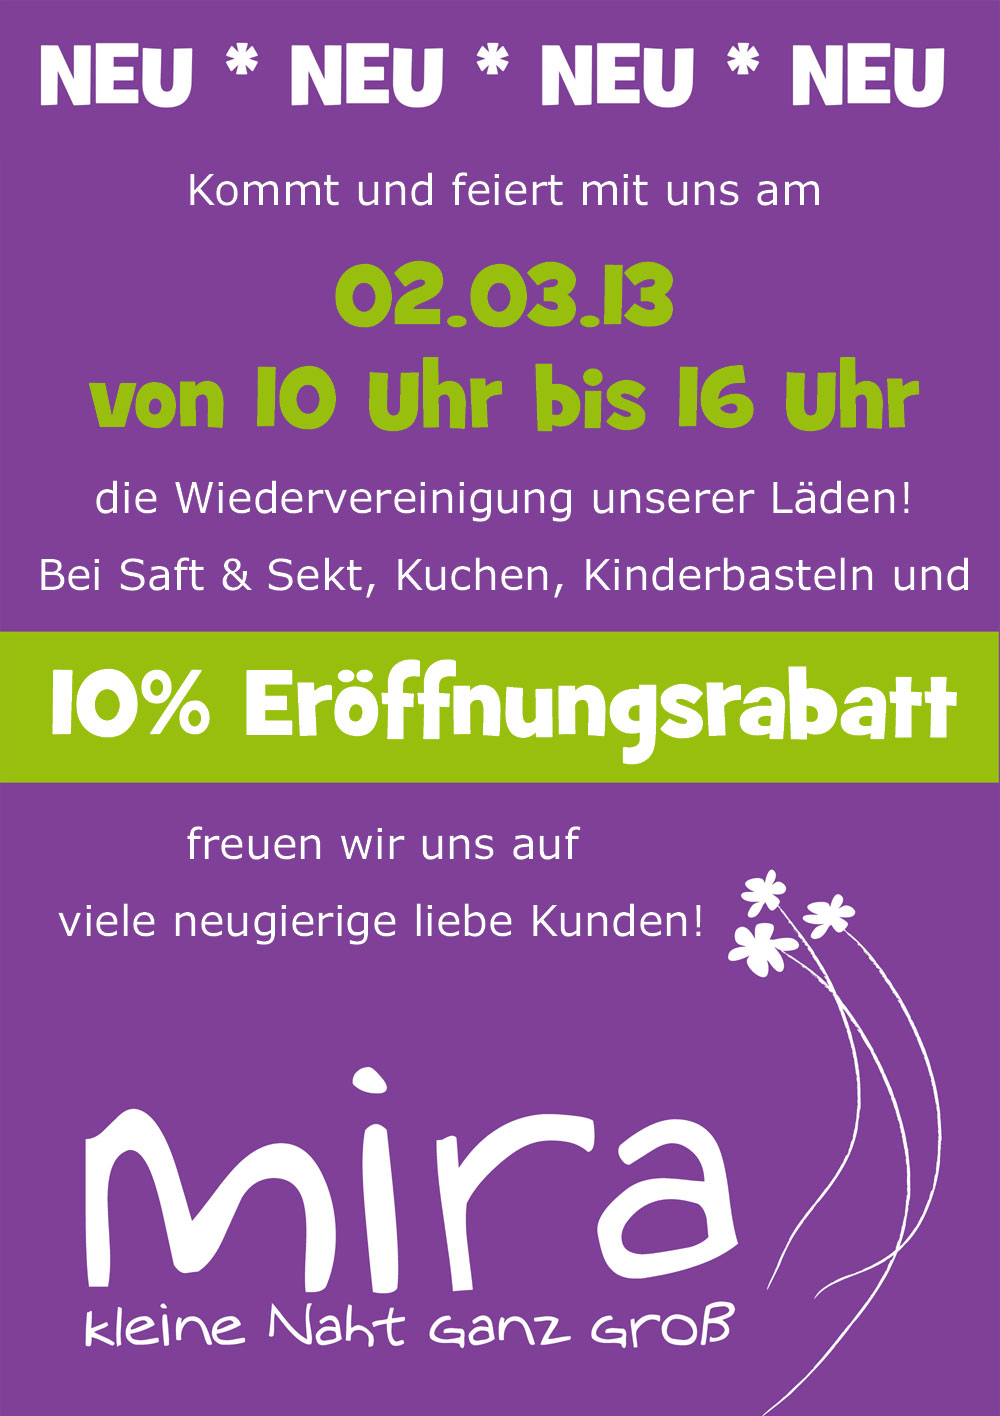 mira's Wiedervereinigung ;-)